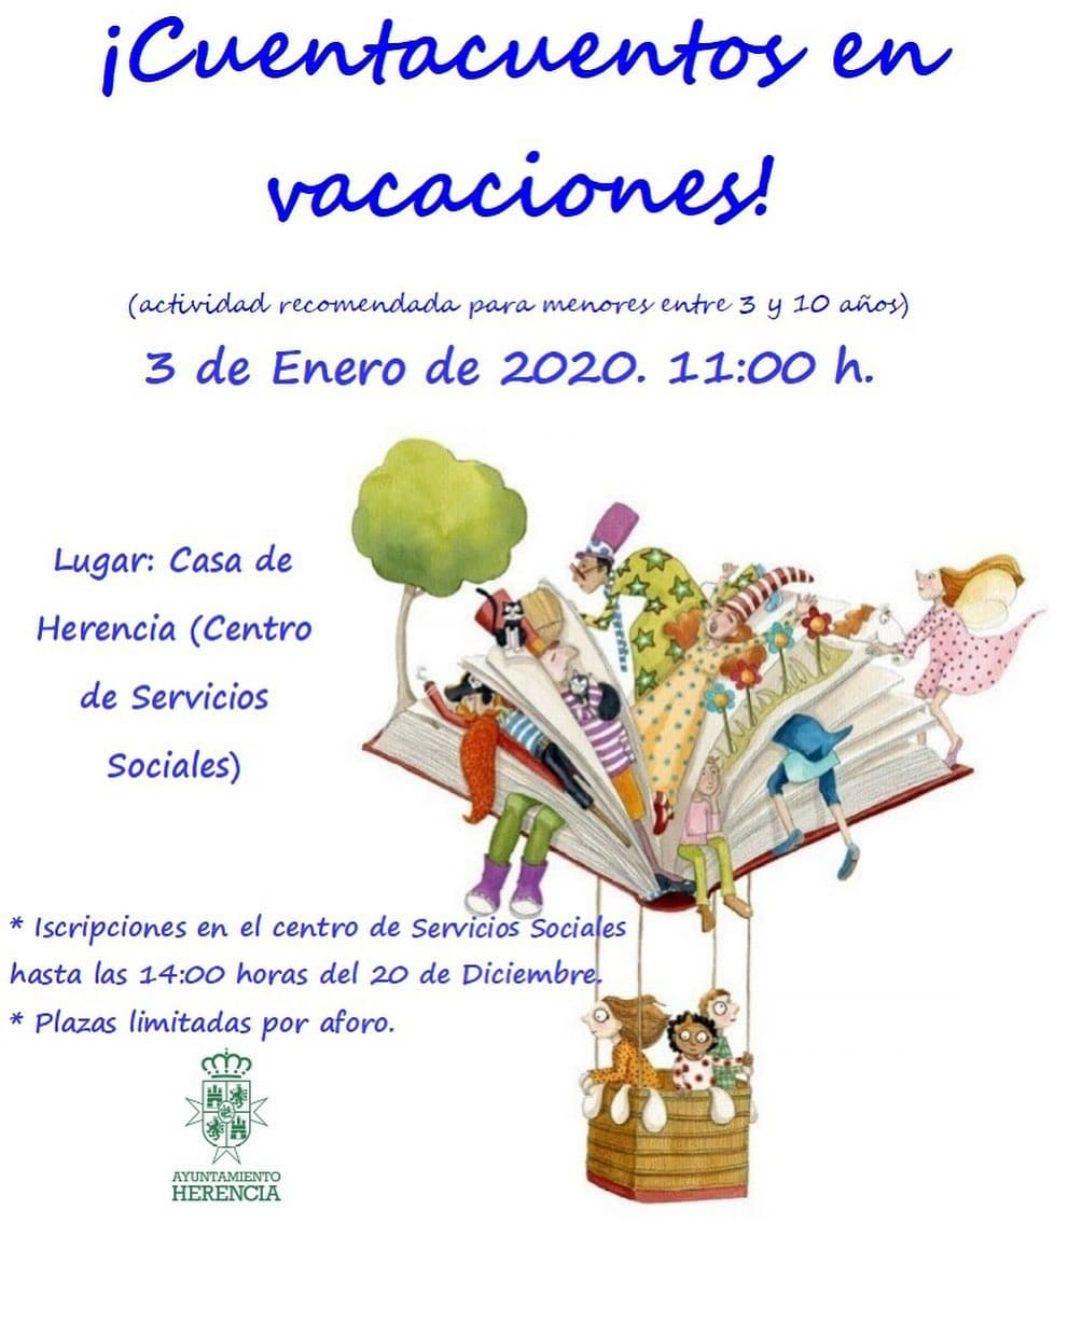 cuentacuentos vacaciones 2019 1068x1335 - Cuentacuentos en vacaciones de navidad en Herencia